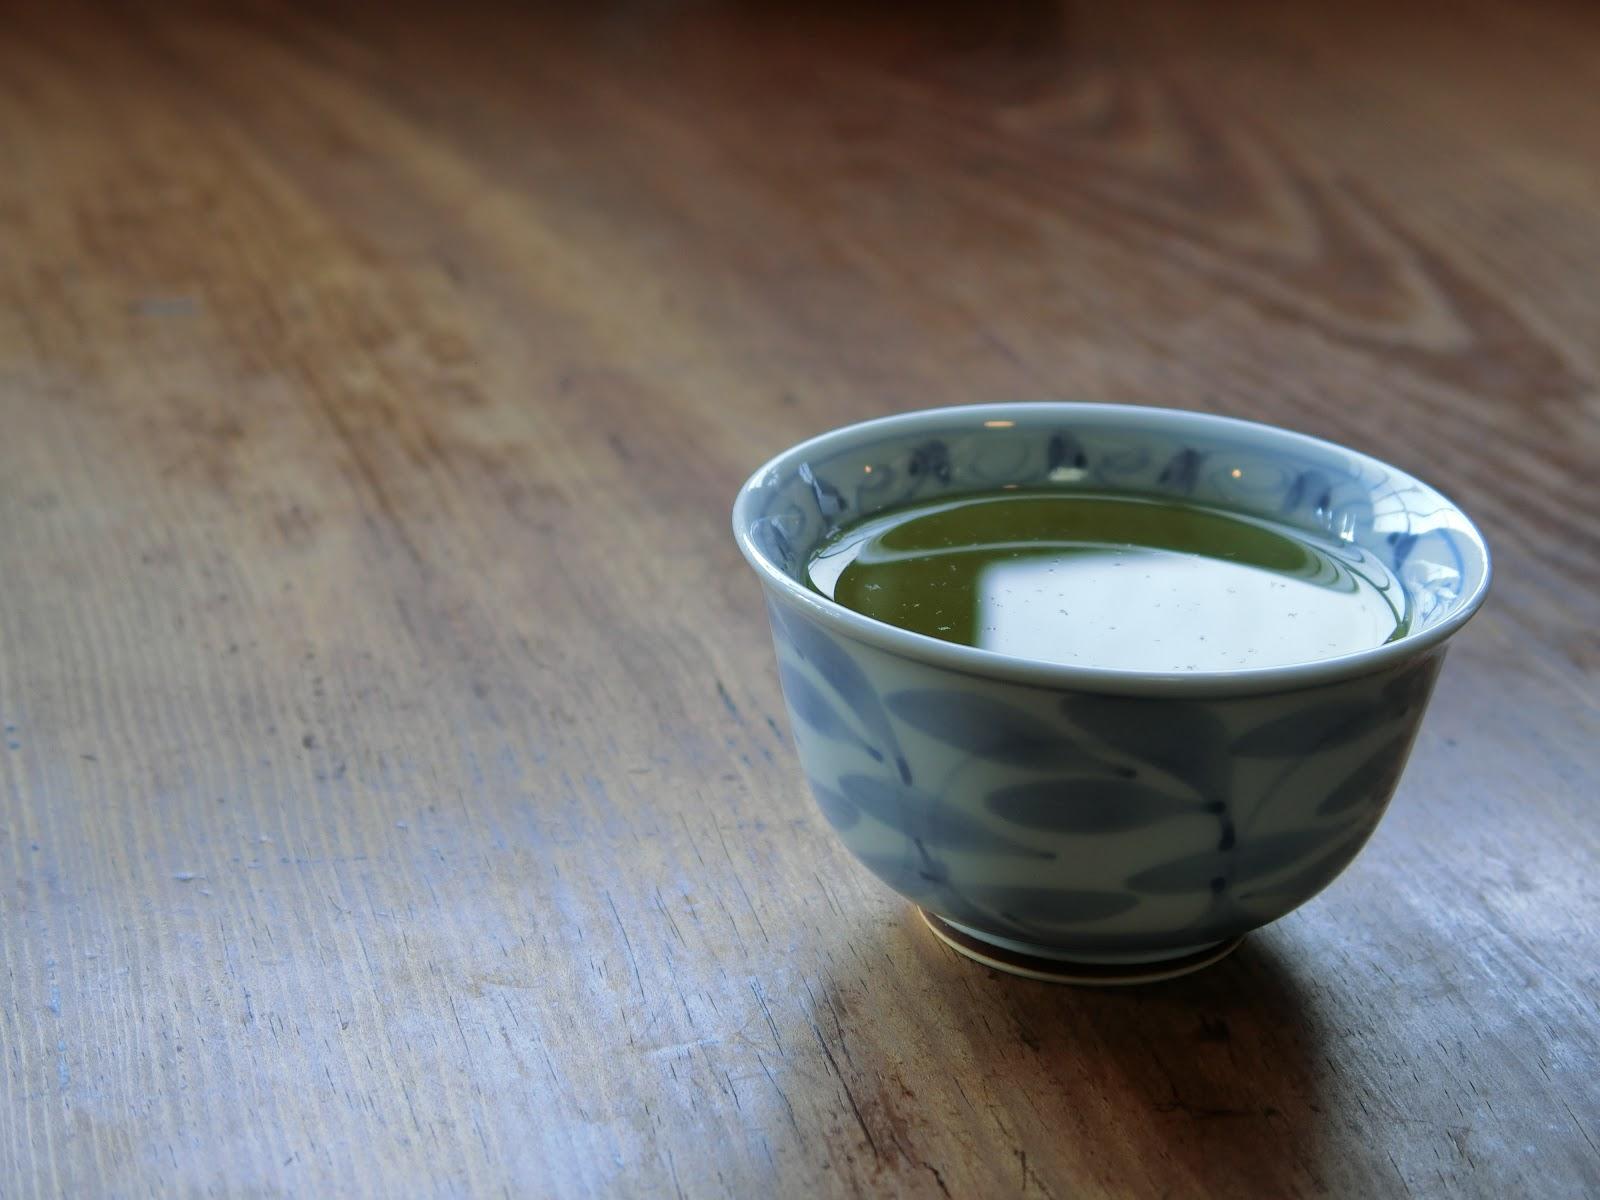 一杯の緑茶:煎茶